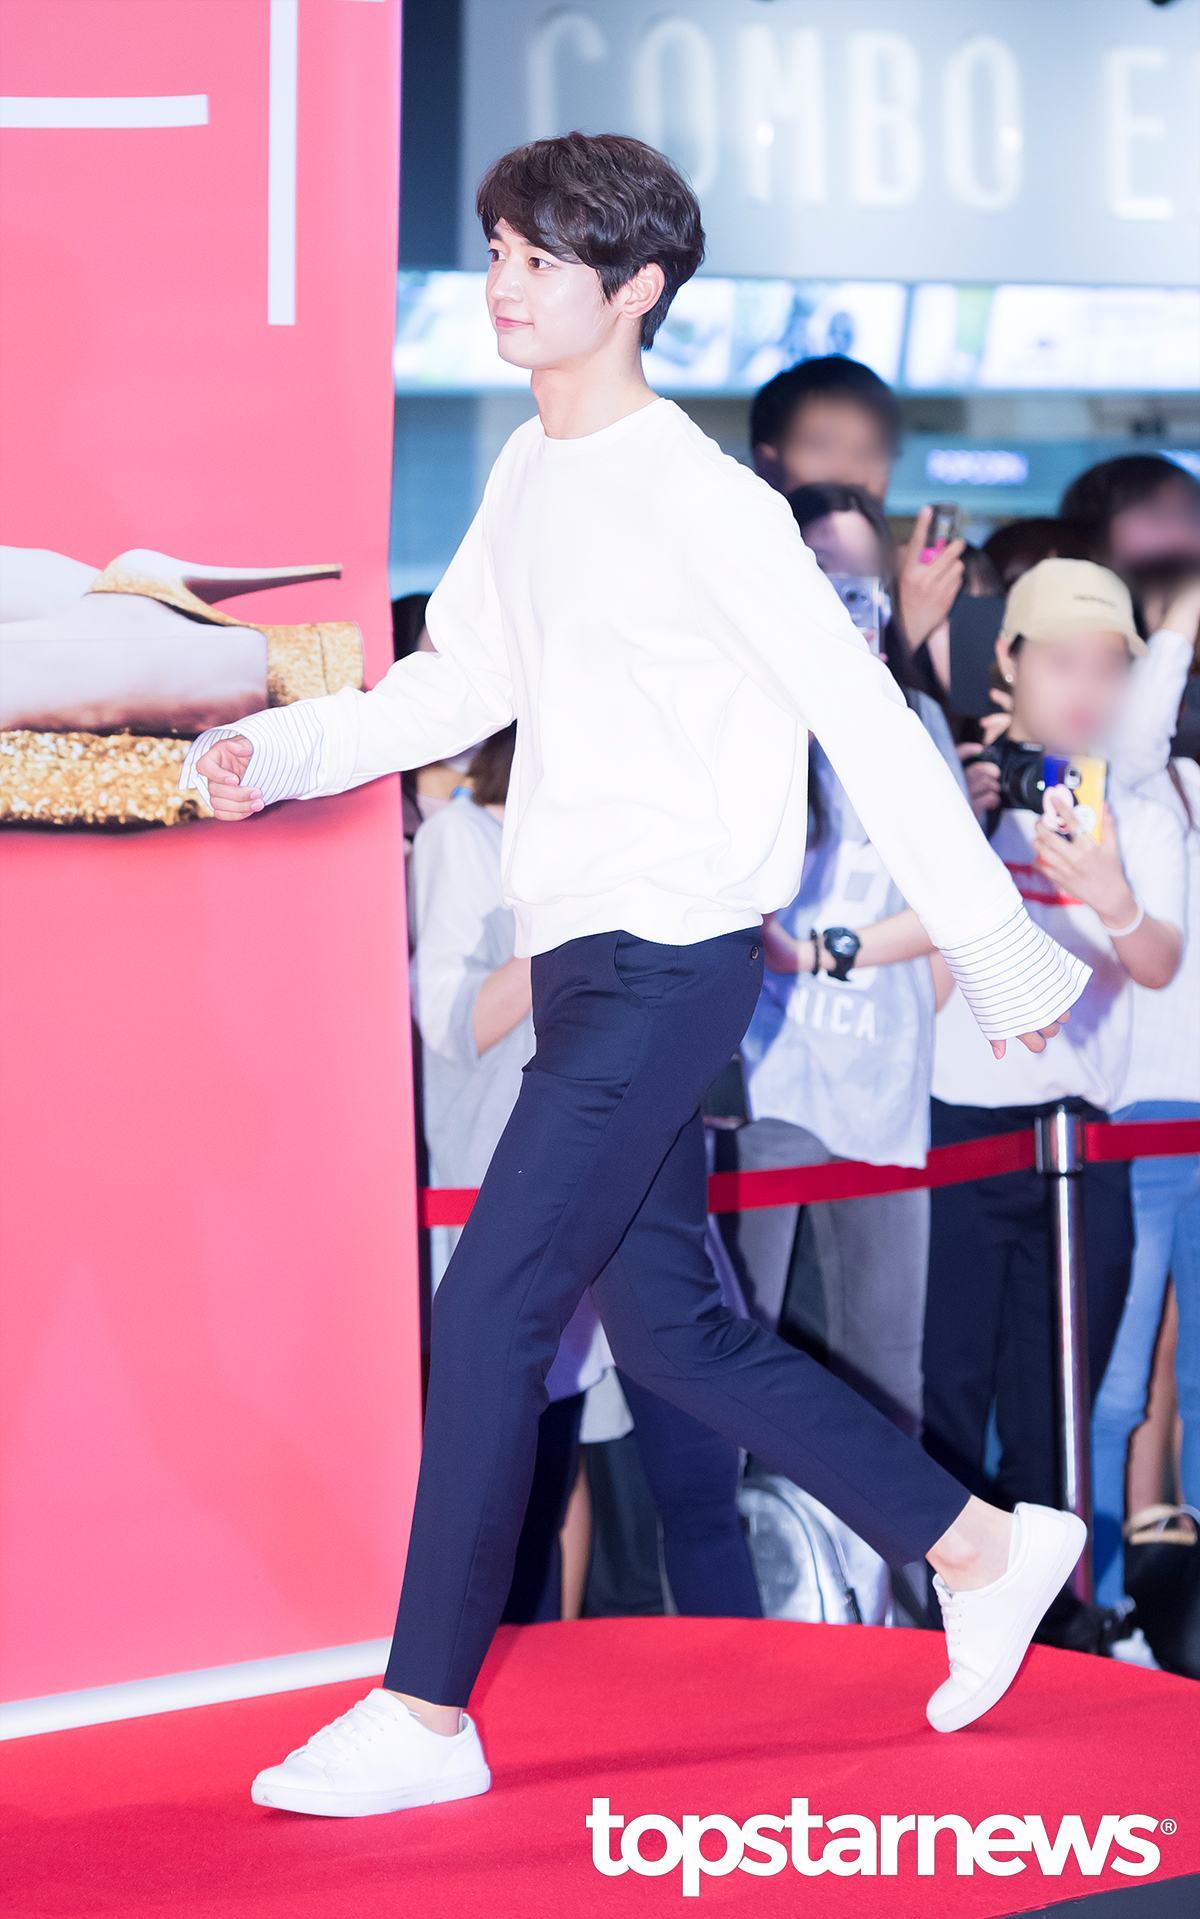 崔珉豪飾演金秀浩 新羅的貴族領袖。具有強大的領袖魅力和仗義之心,也是一個十足的樂觀主義者  (完全就是珉豪本人的個性!! 且好勝心甚強)